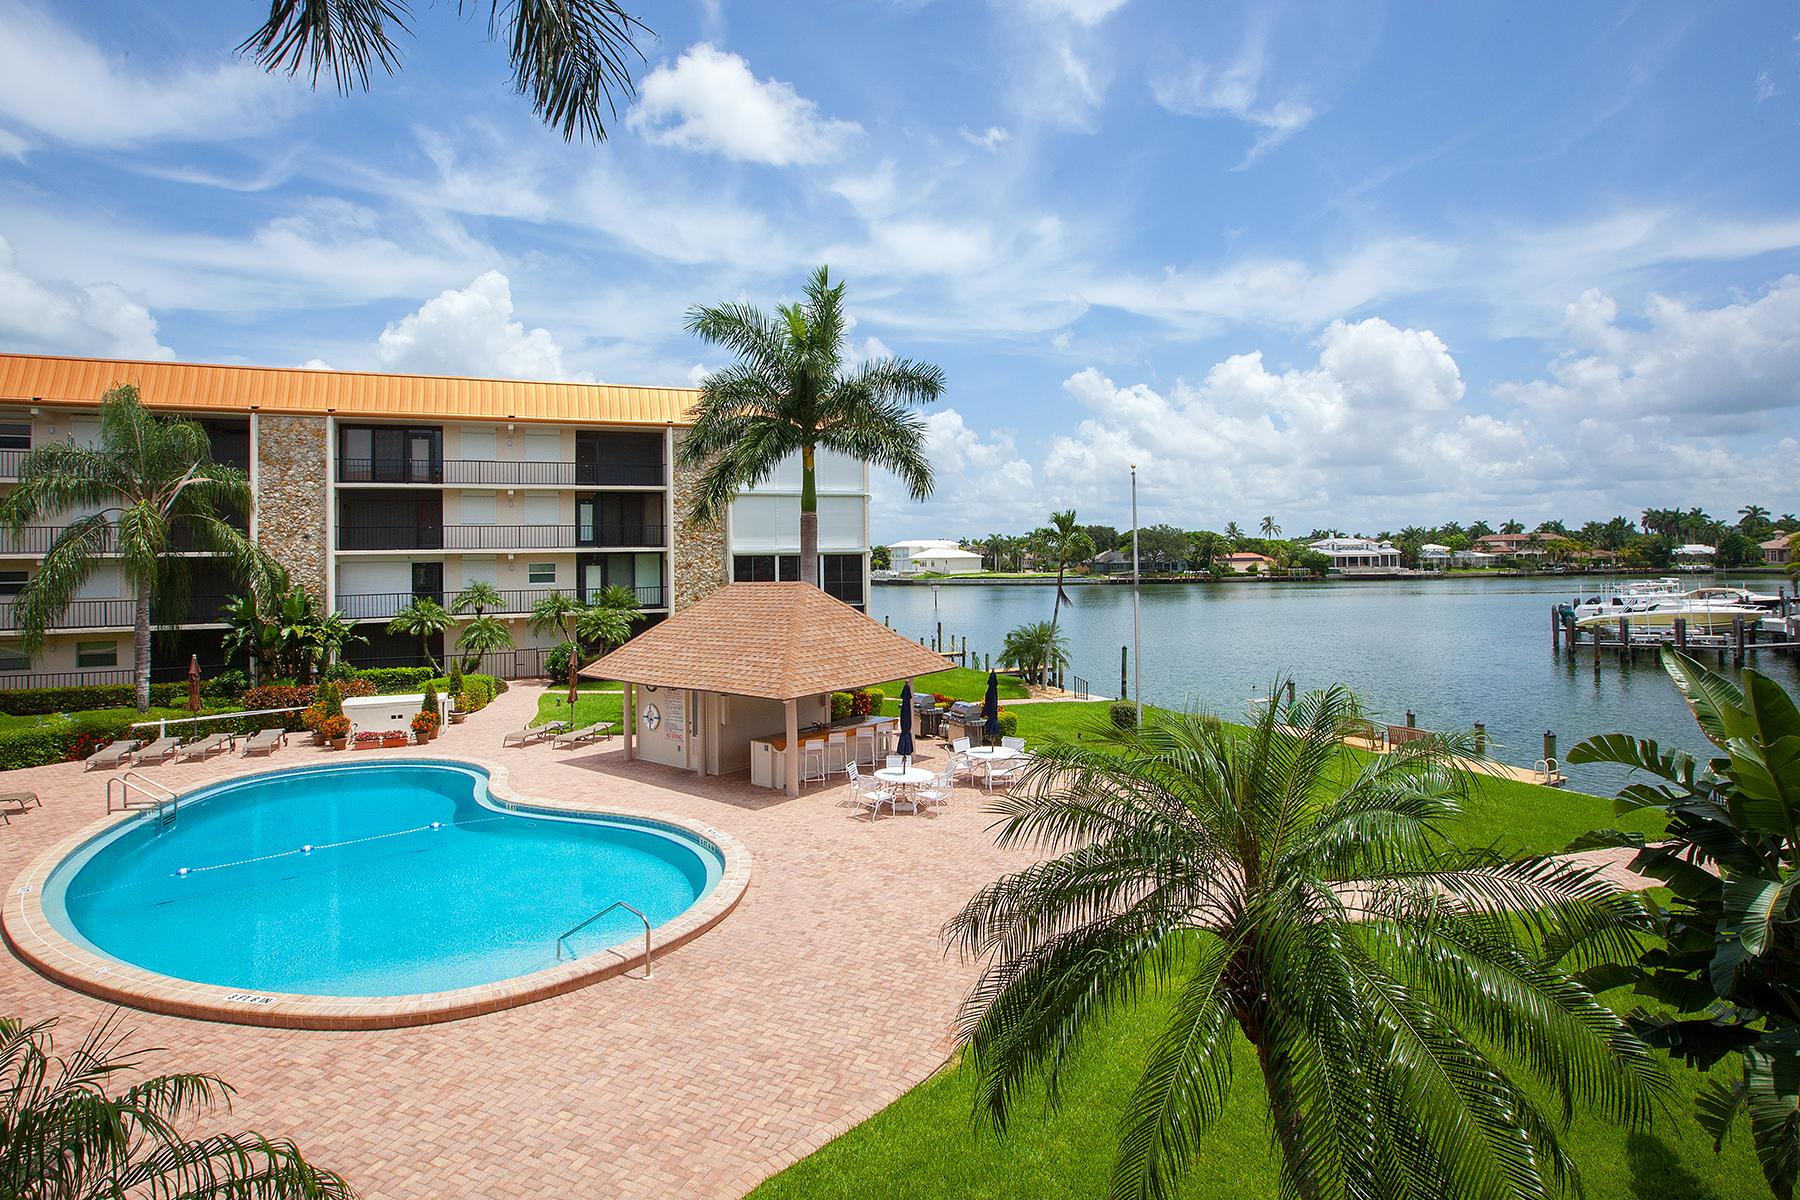 共管式独立产权公寓 为 销售 在 MOORINGS - BORDEAUX CLUB 2900 Gulf Shore Blvd N 216 那不勒斯, 佛罗里达州, 34103 美国